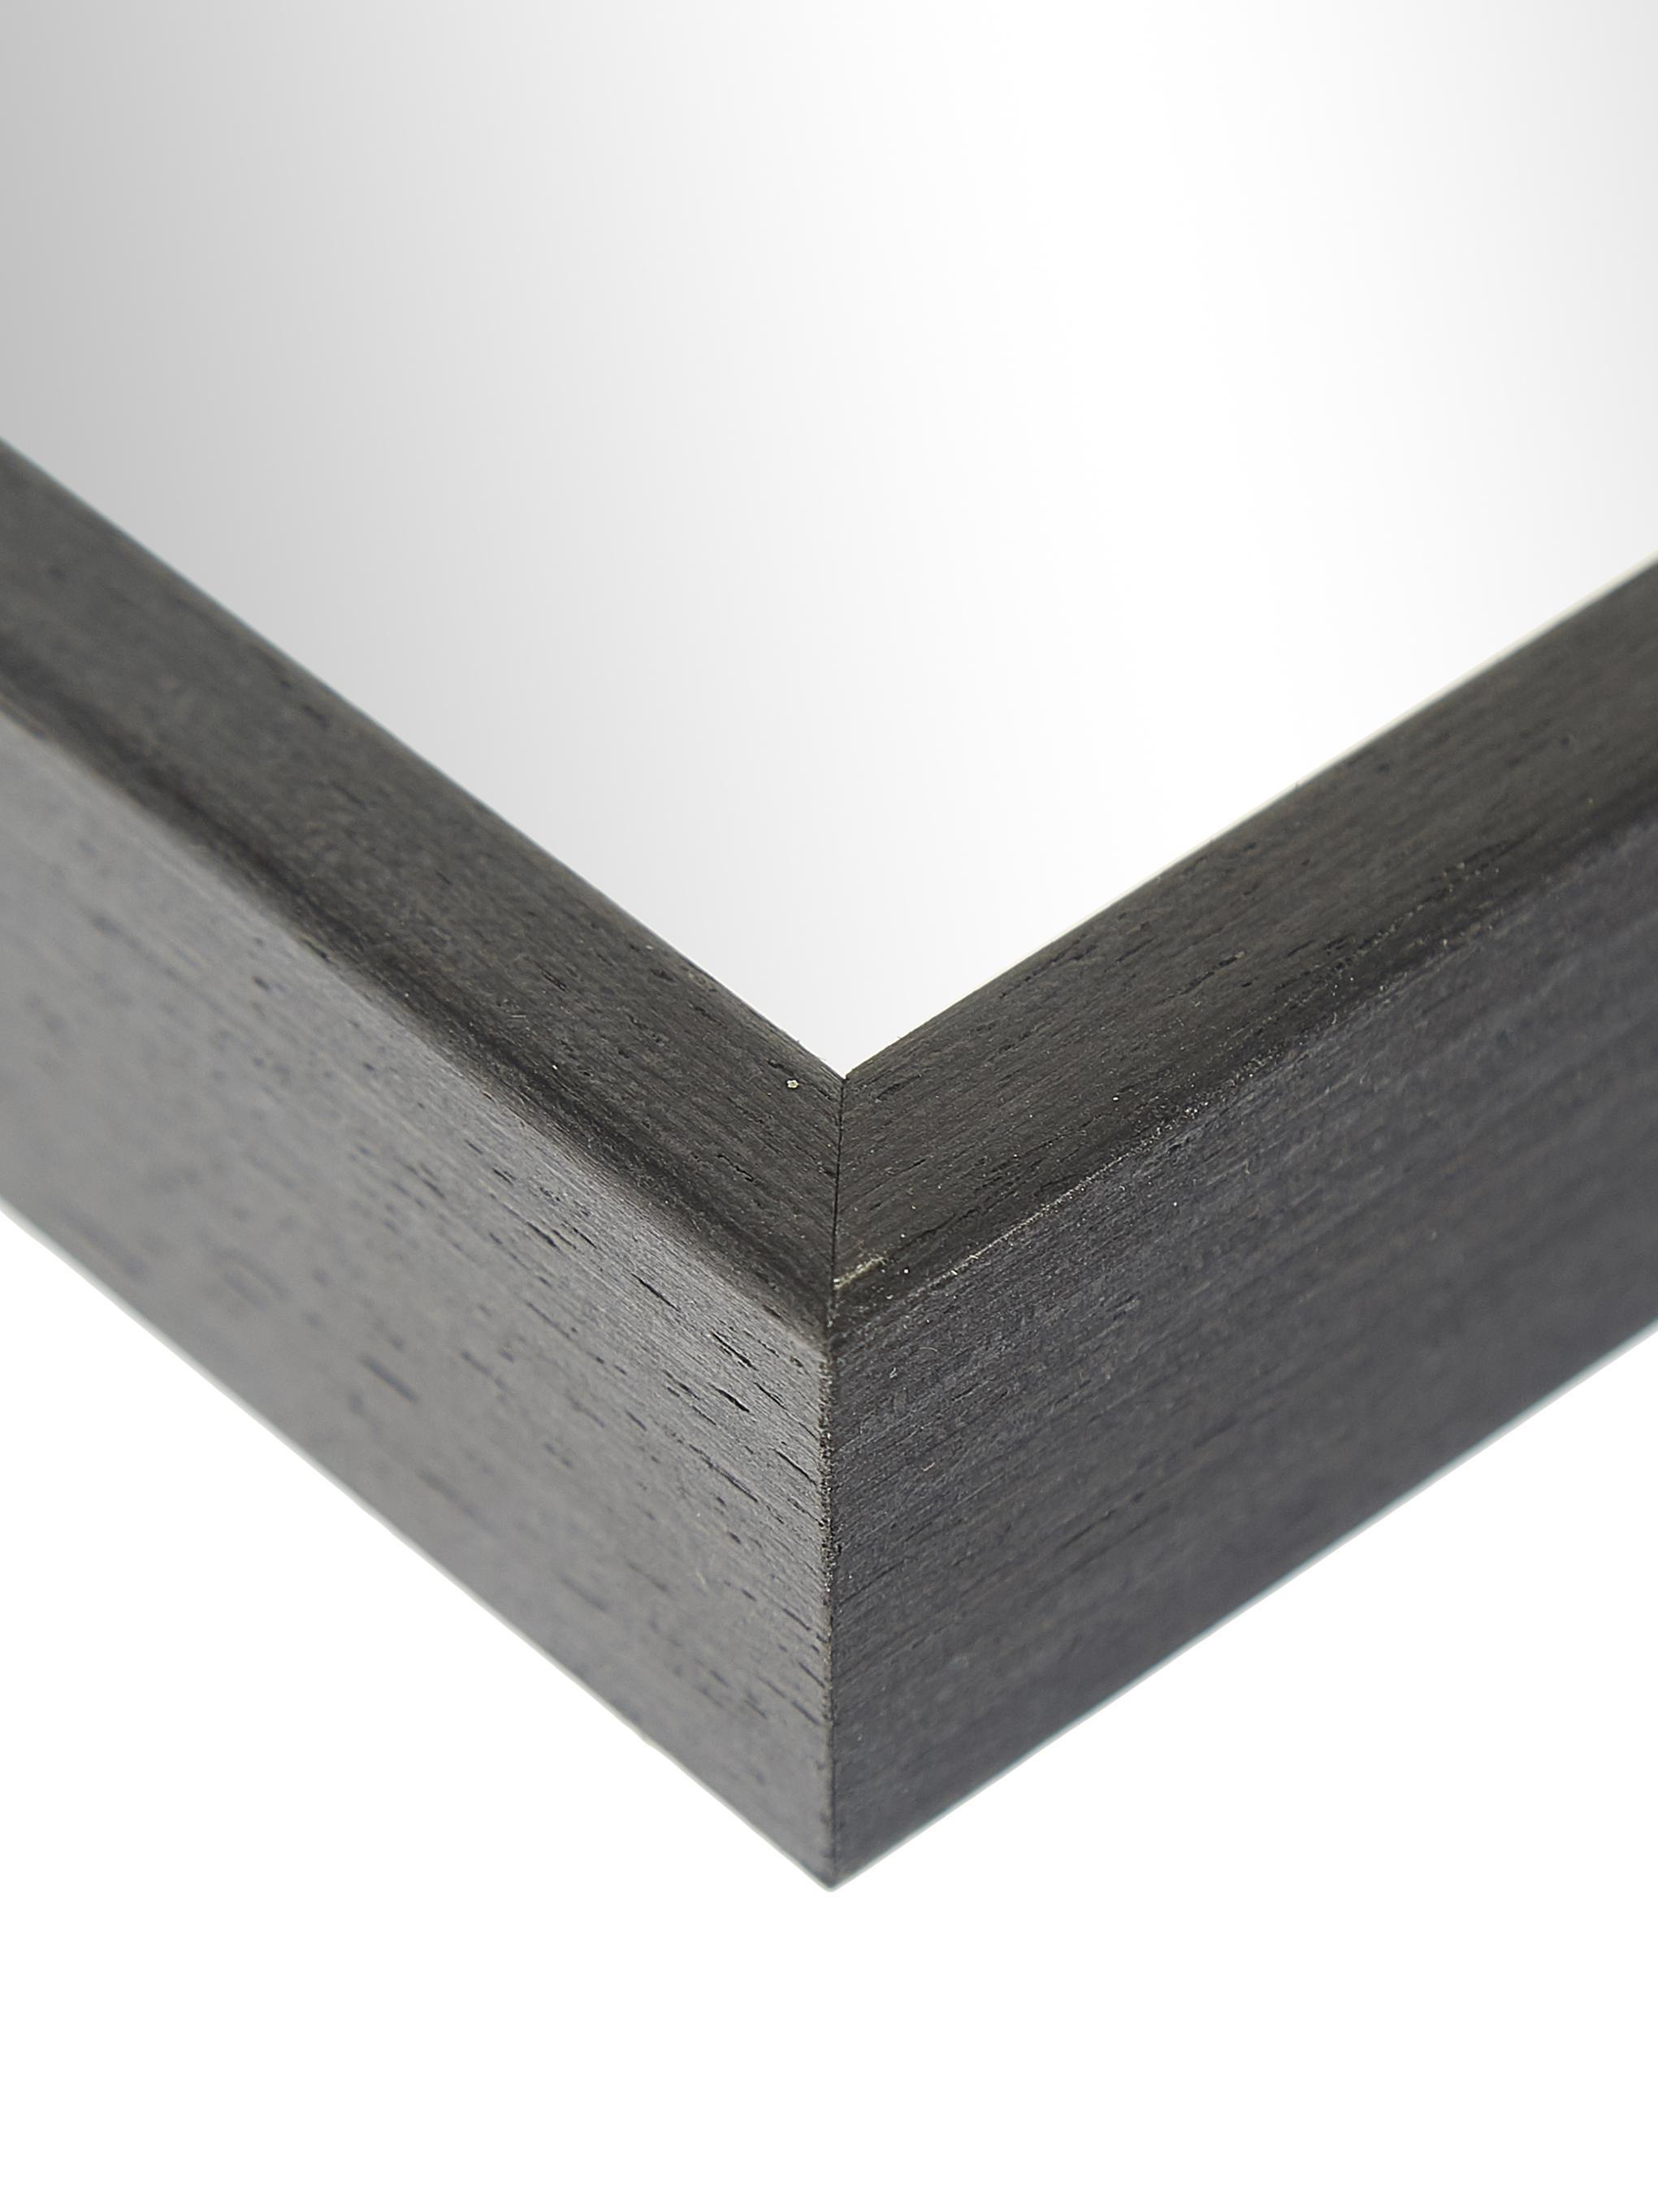 Eckiger Wandspiegel Alpha mit grauem Rahmen, Rahmen: Aluminium, beschichtet, Spiegelfläche: Spiegelglas, Grau, 50 x 70 cm